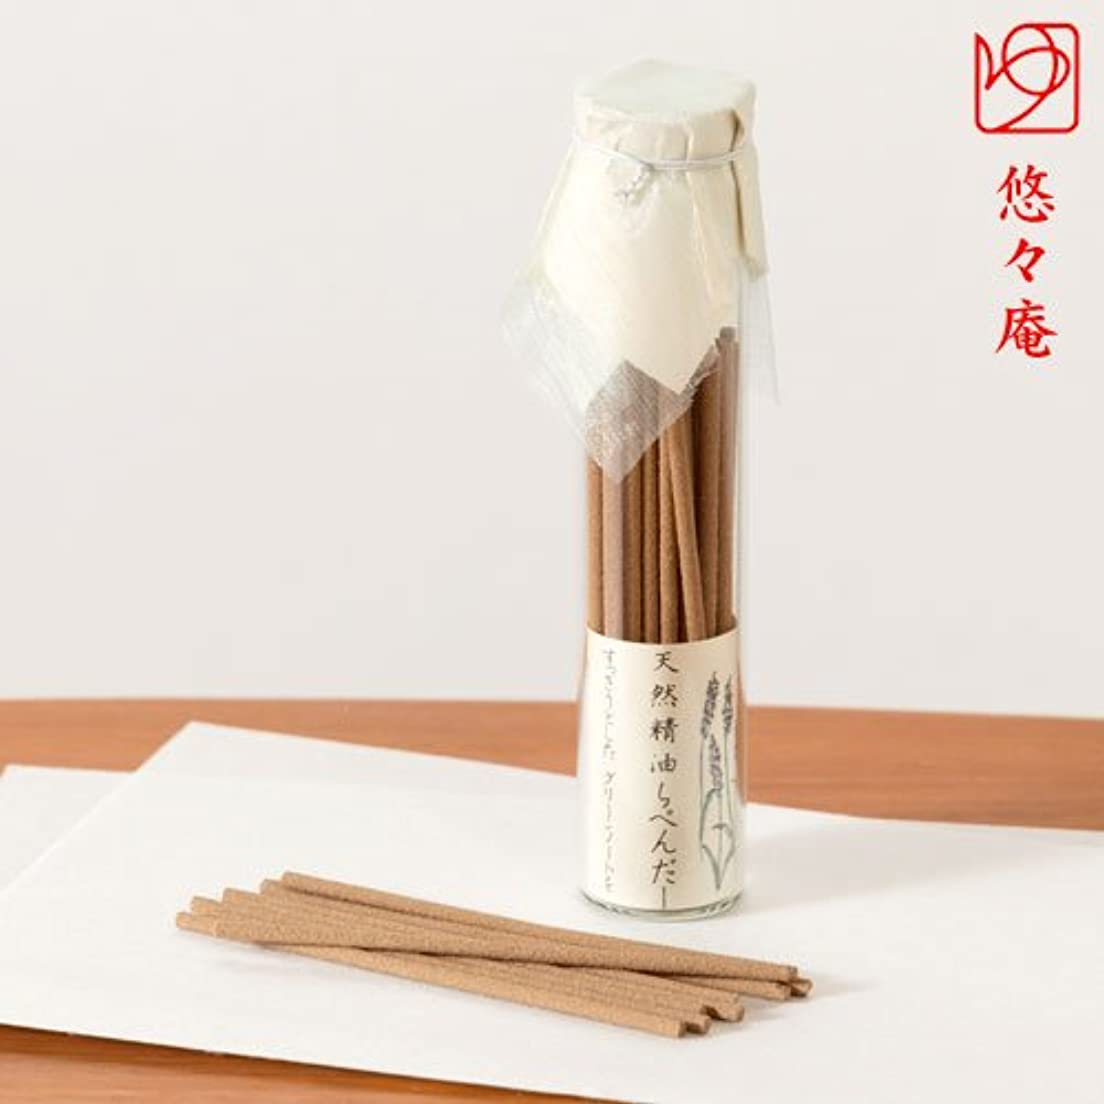 輝度薄いですシンプルなスティックお香天然精油のお線香らべんだーの丘ガラスビン入悠々庵Incense stick of natural essential oil